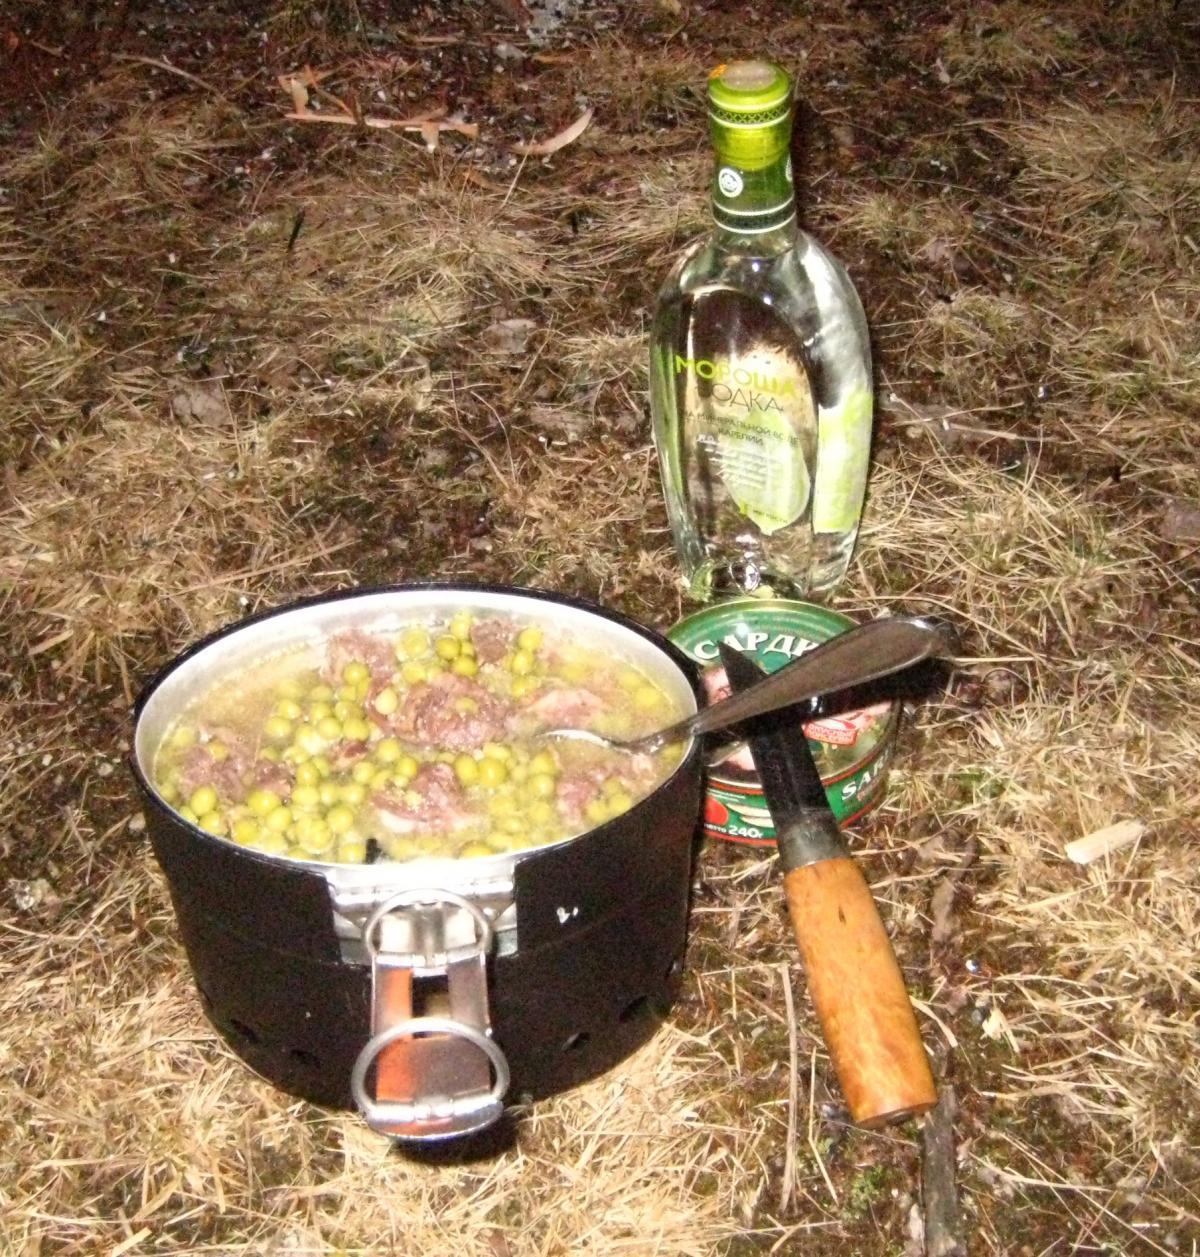 это походная кухня рецепты с фото прощания прославленным мэтром